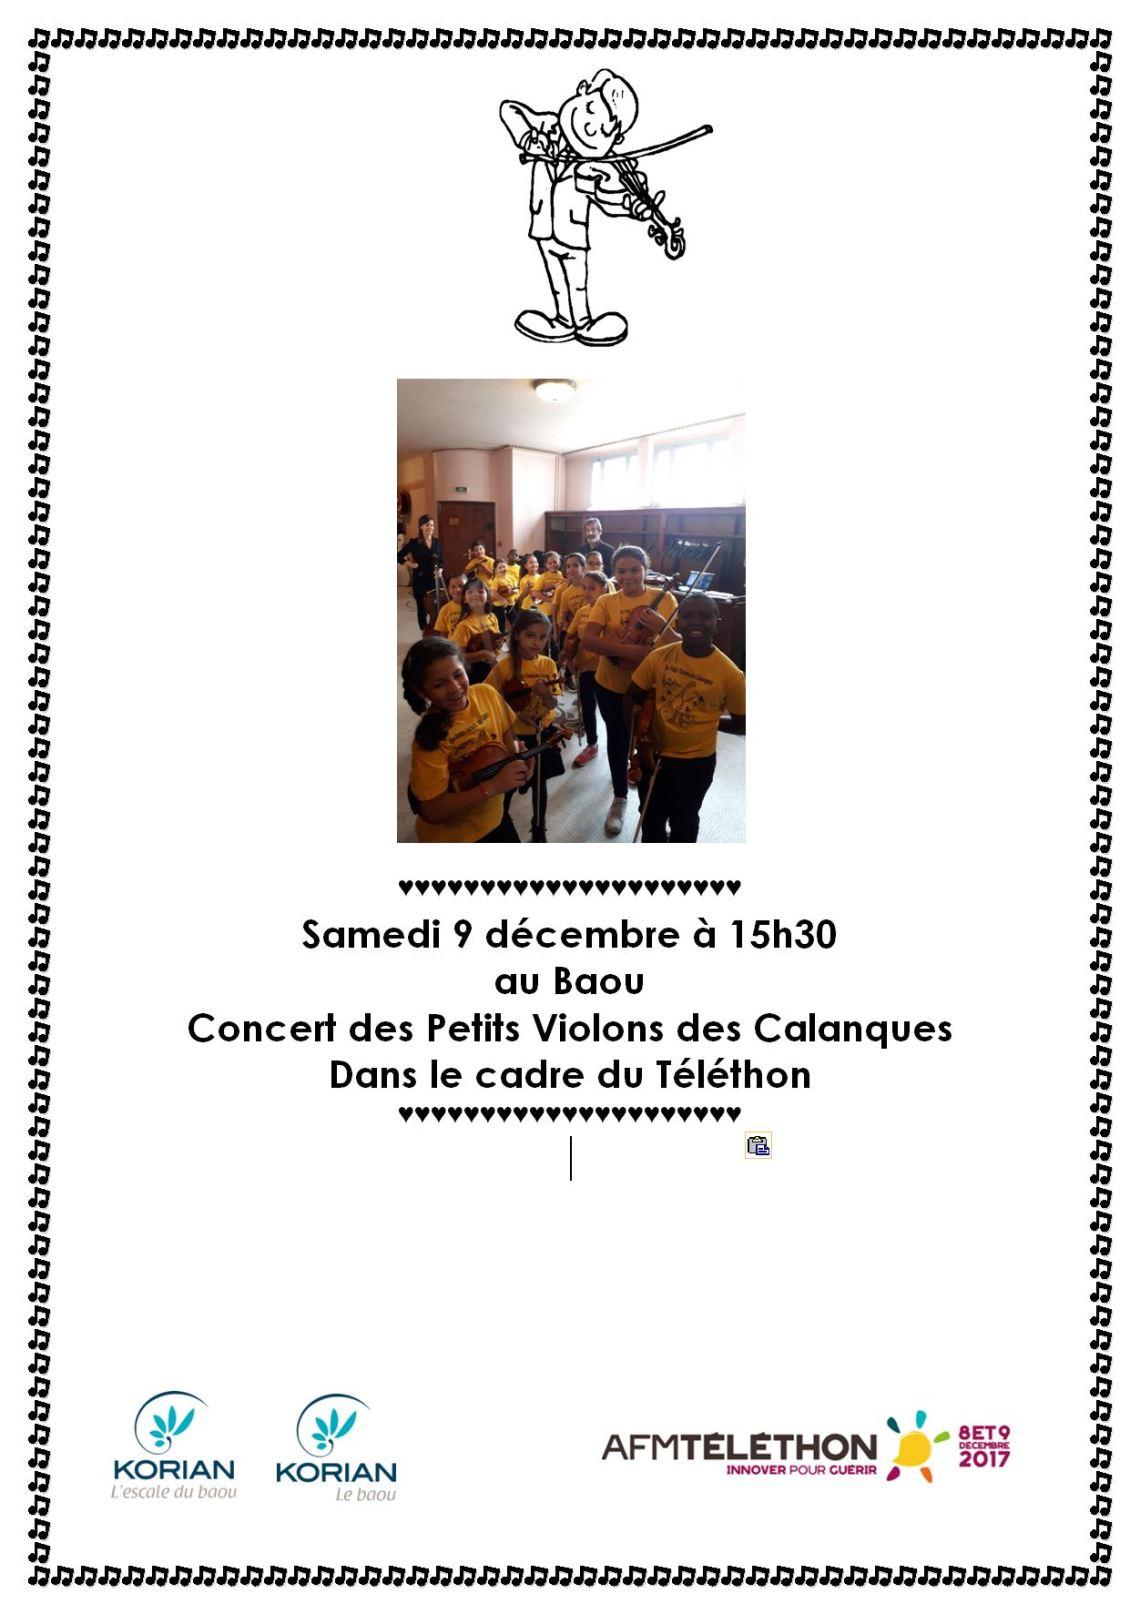 Affiche Concert KORIAN 09-12-2017